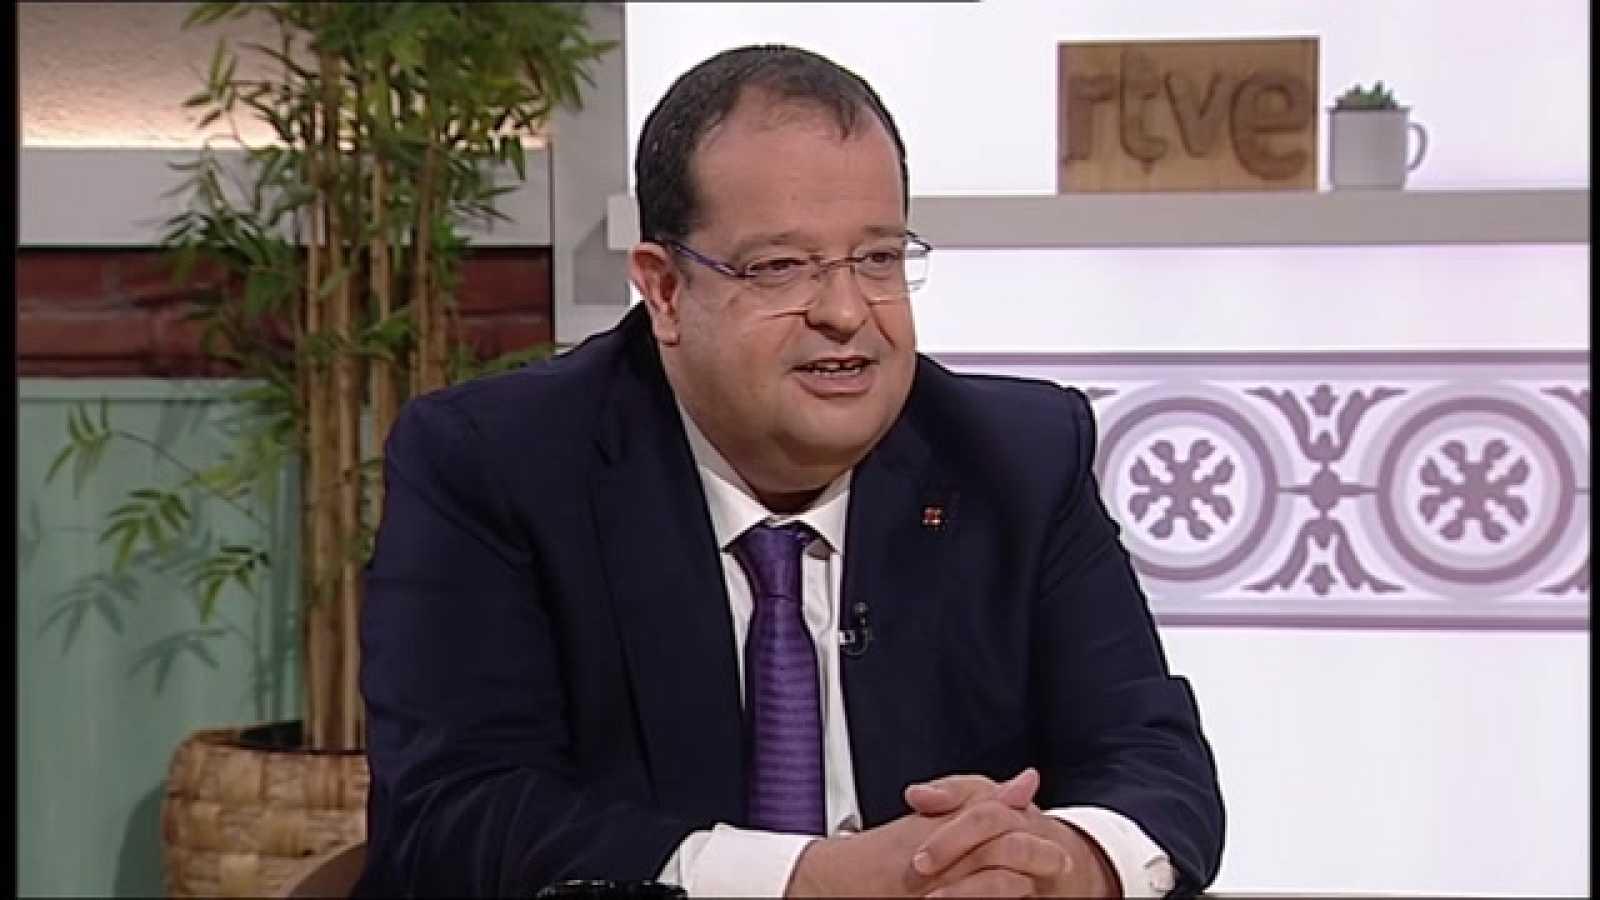 """Joan Ignasi Elena: """"O es fa com diuen, o no es fa l'ampliació de l'aeroport"""""""